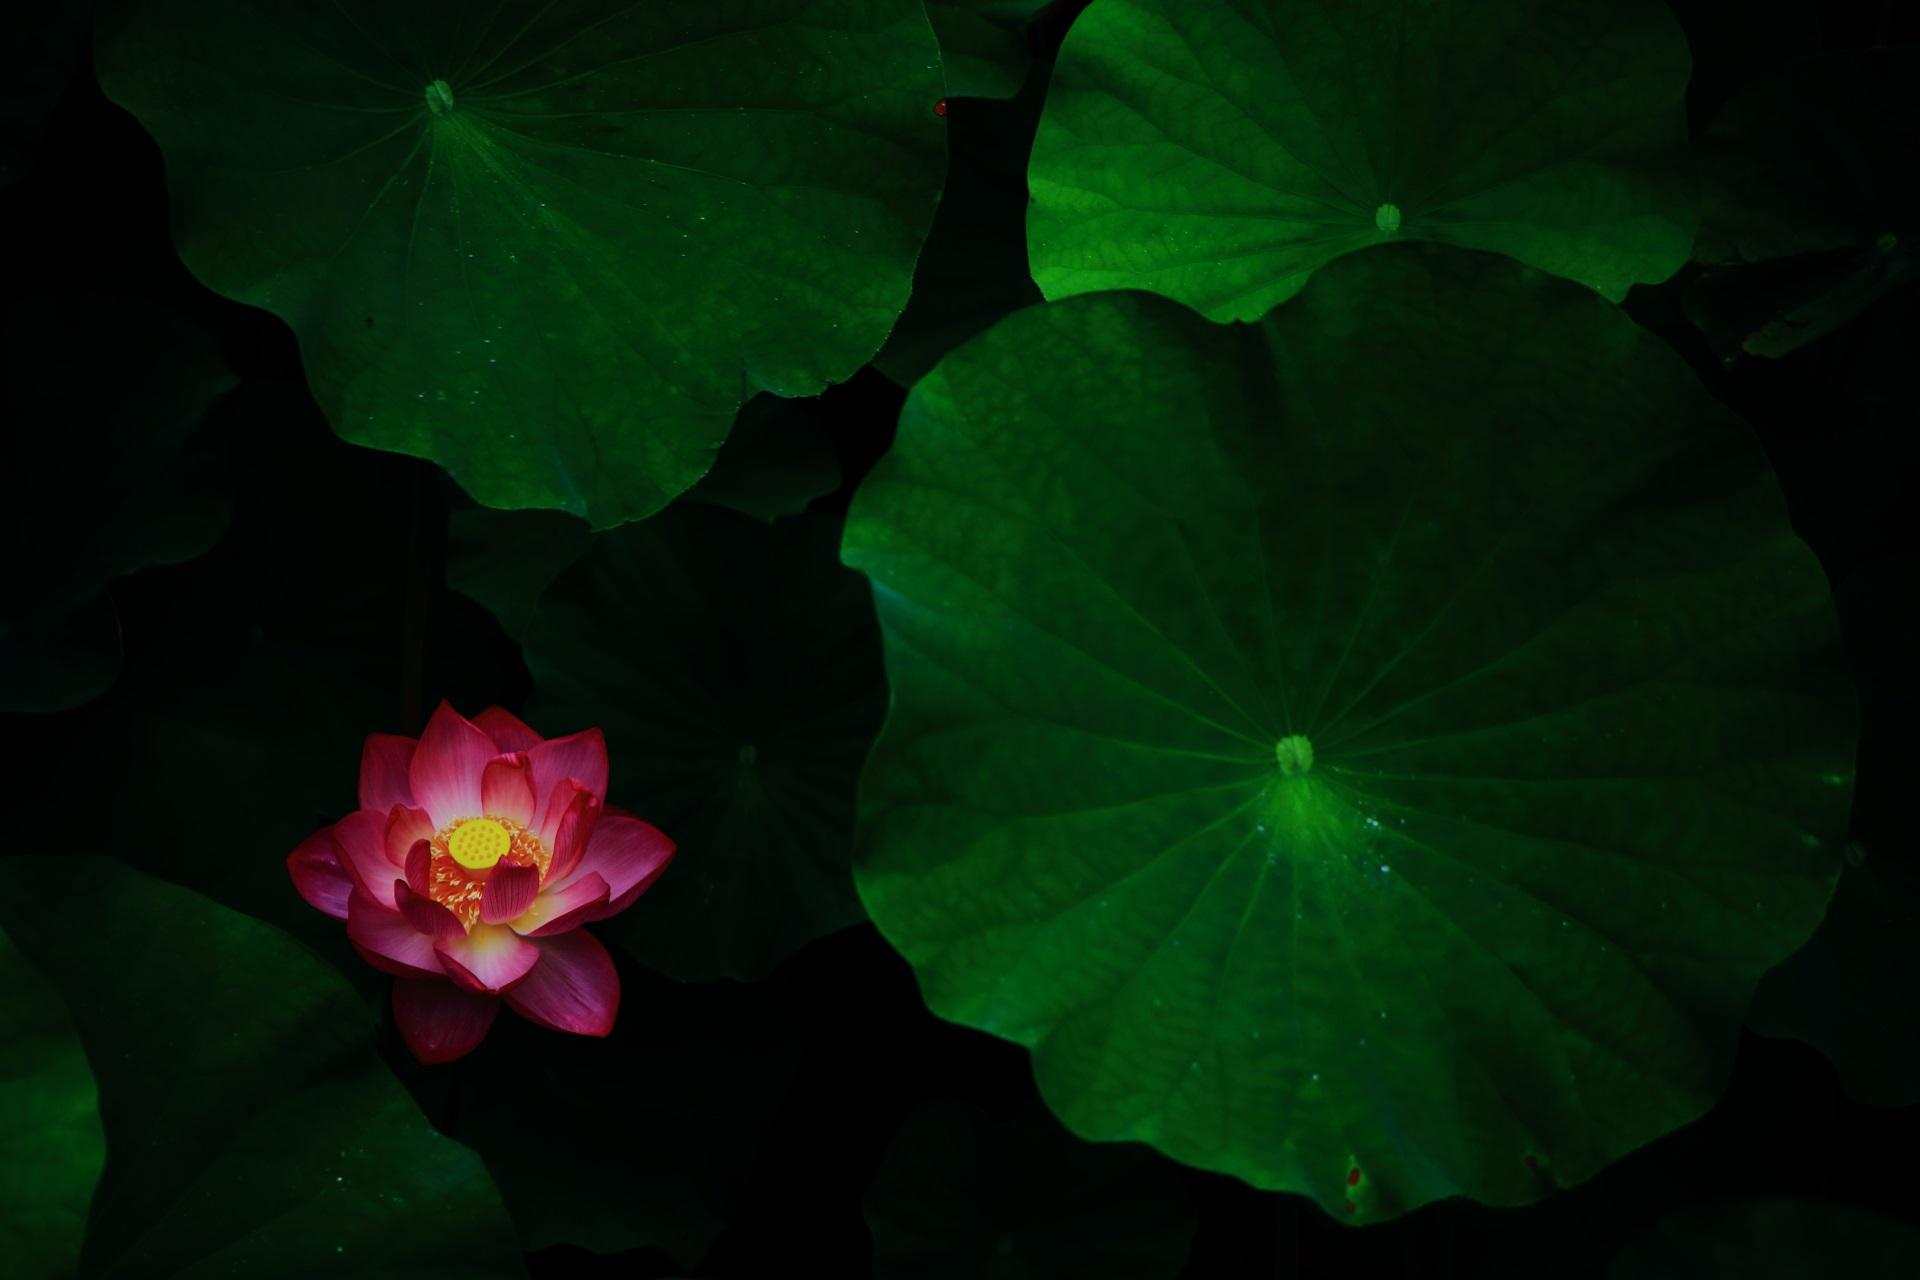 コントラスト強めの暗闇で静かに咲く蓮の花